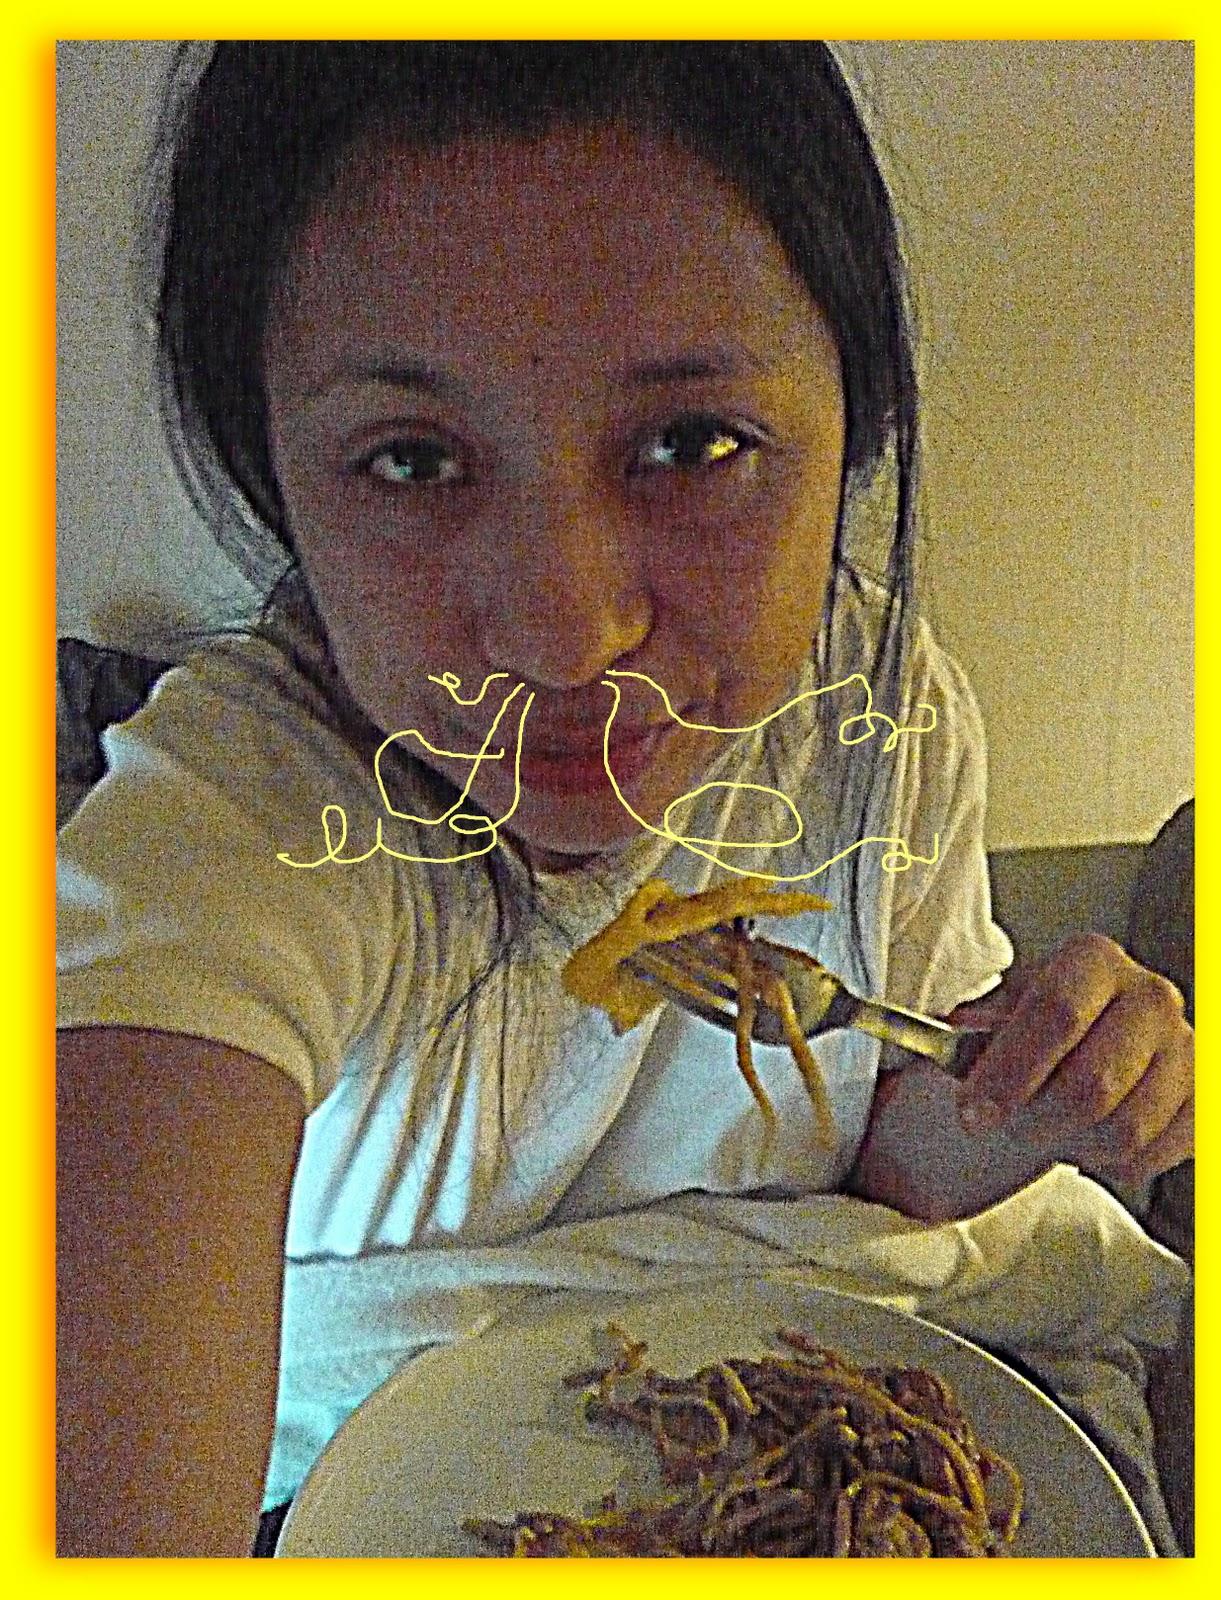 http://2.bp.blogspot.com/_aRt2IfGv49Y/TUngH63EcfI/AAAAAAAAANI/qFCesqULH8A/s1600/02.02.11+noodles+in+my+nostrils.JPG